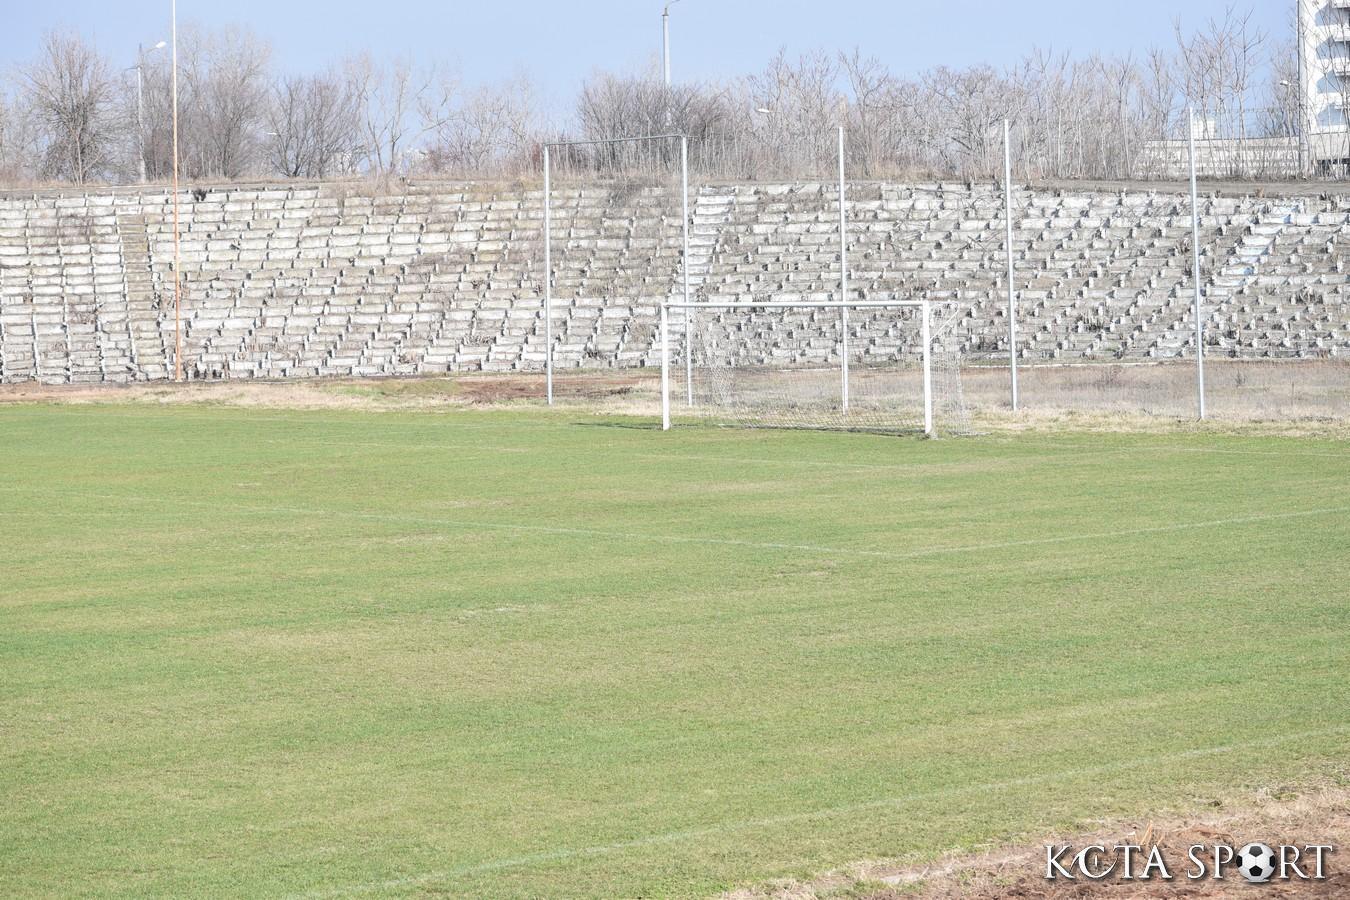 stadion chernomoretz 11